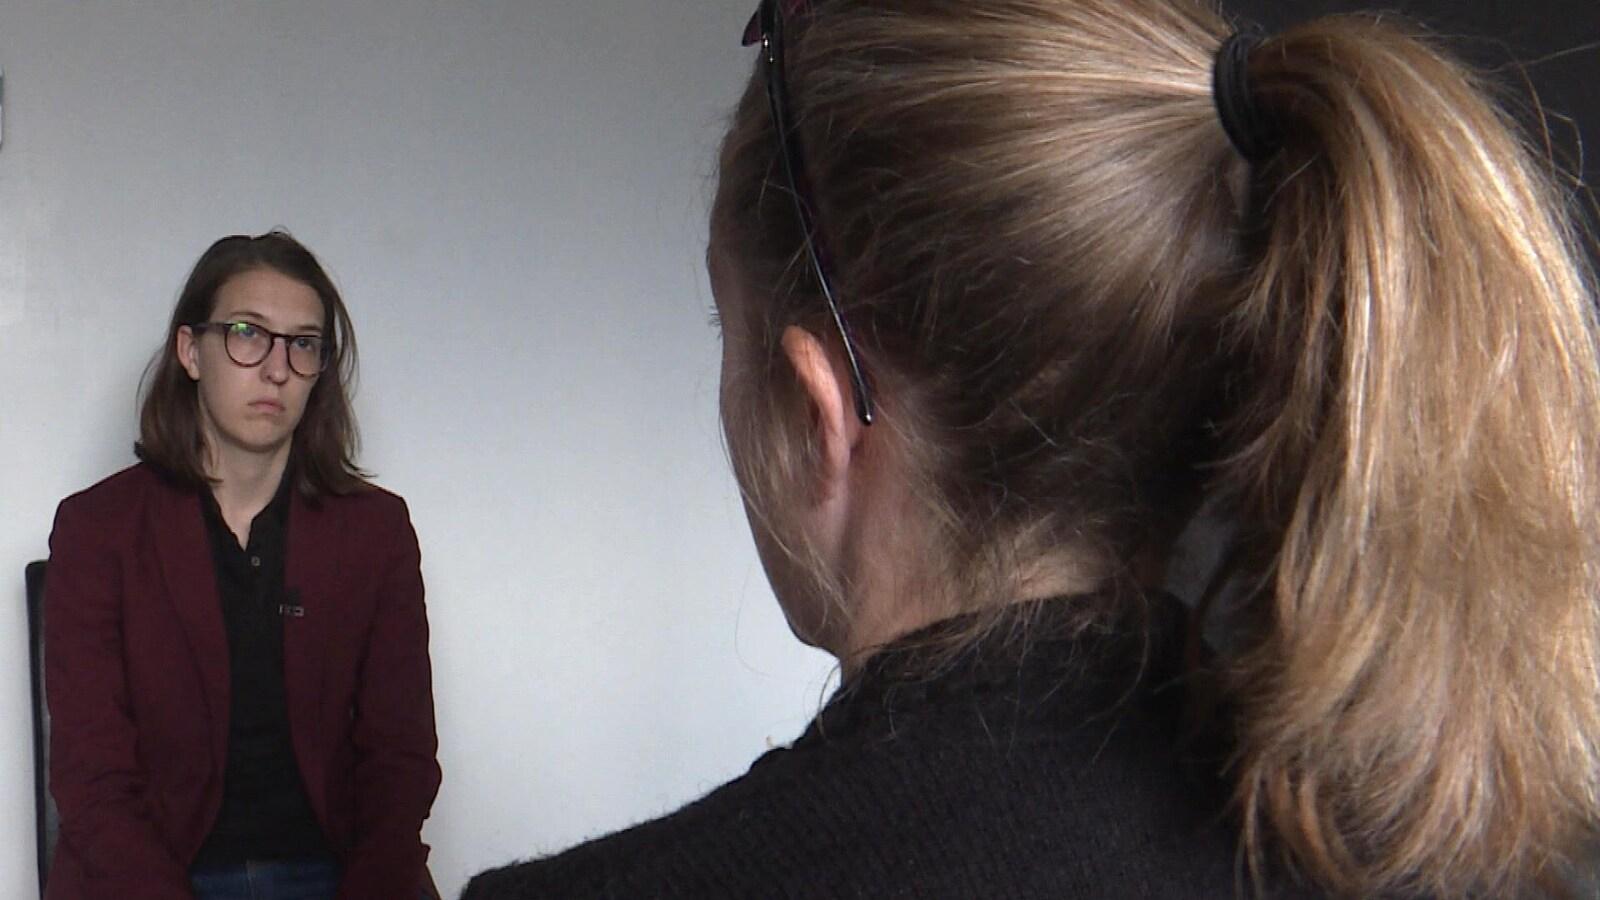 Deux femmes assises se font face; l'une d'elle est vue de dos.